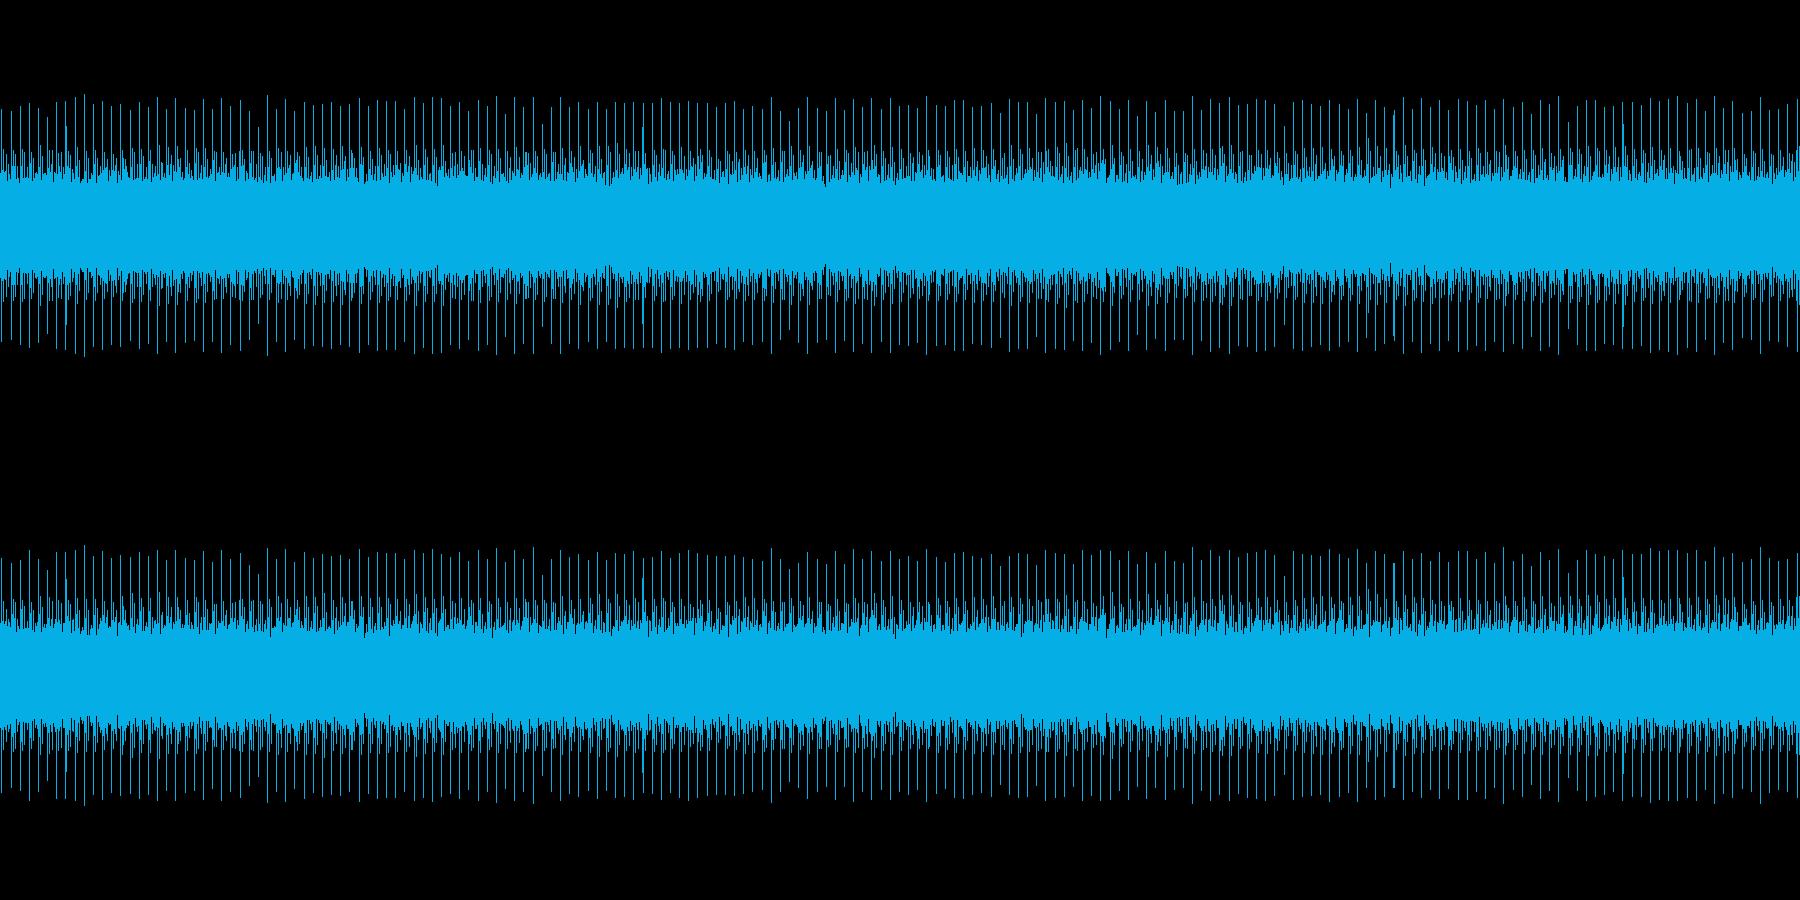 開演時の音の再生済みの波形